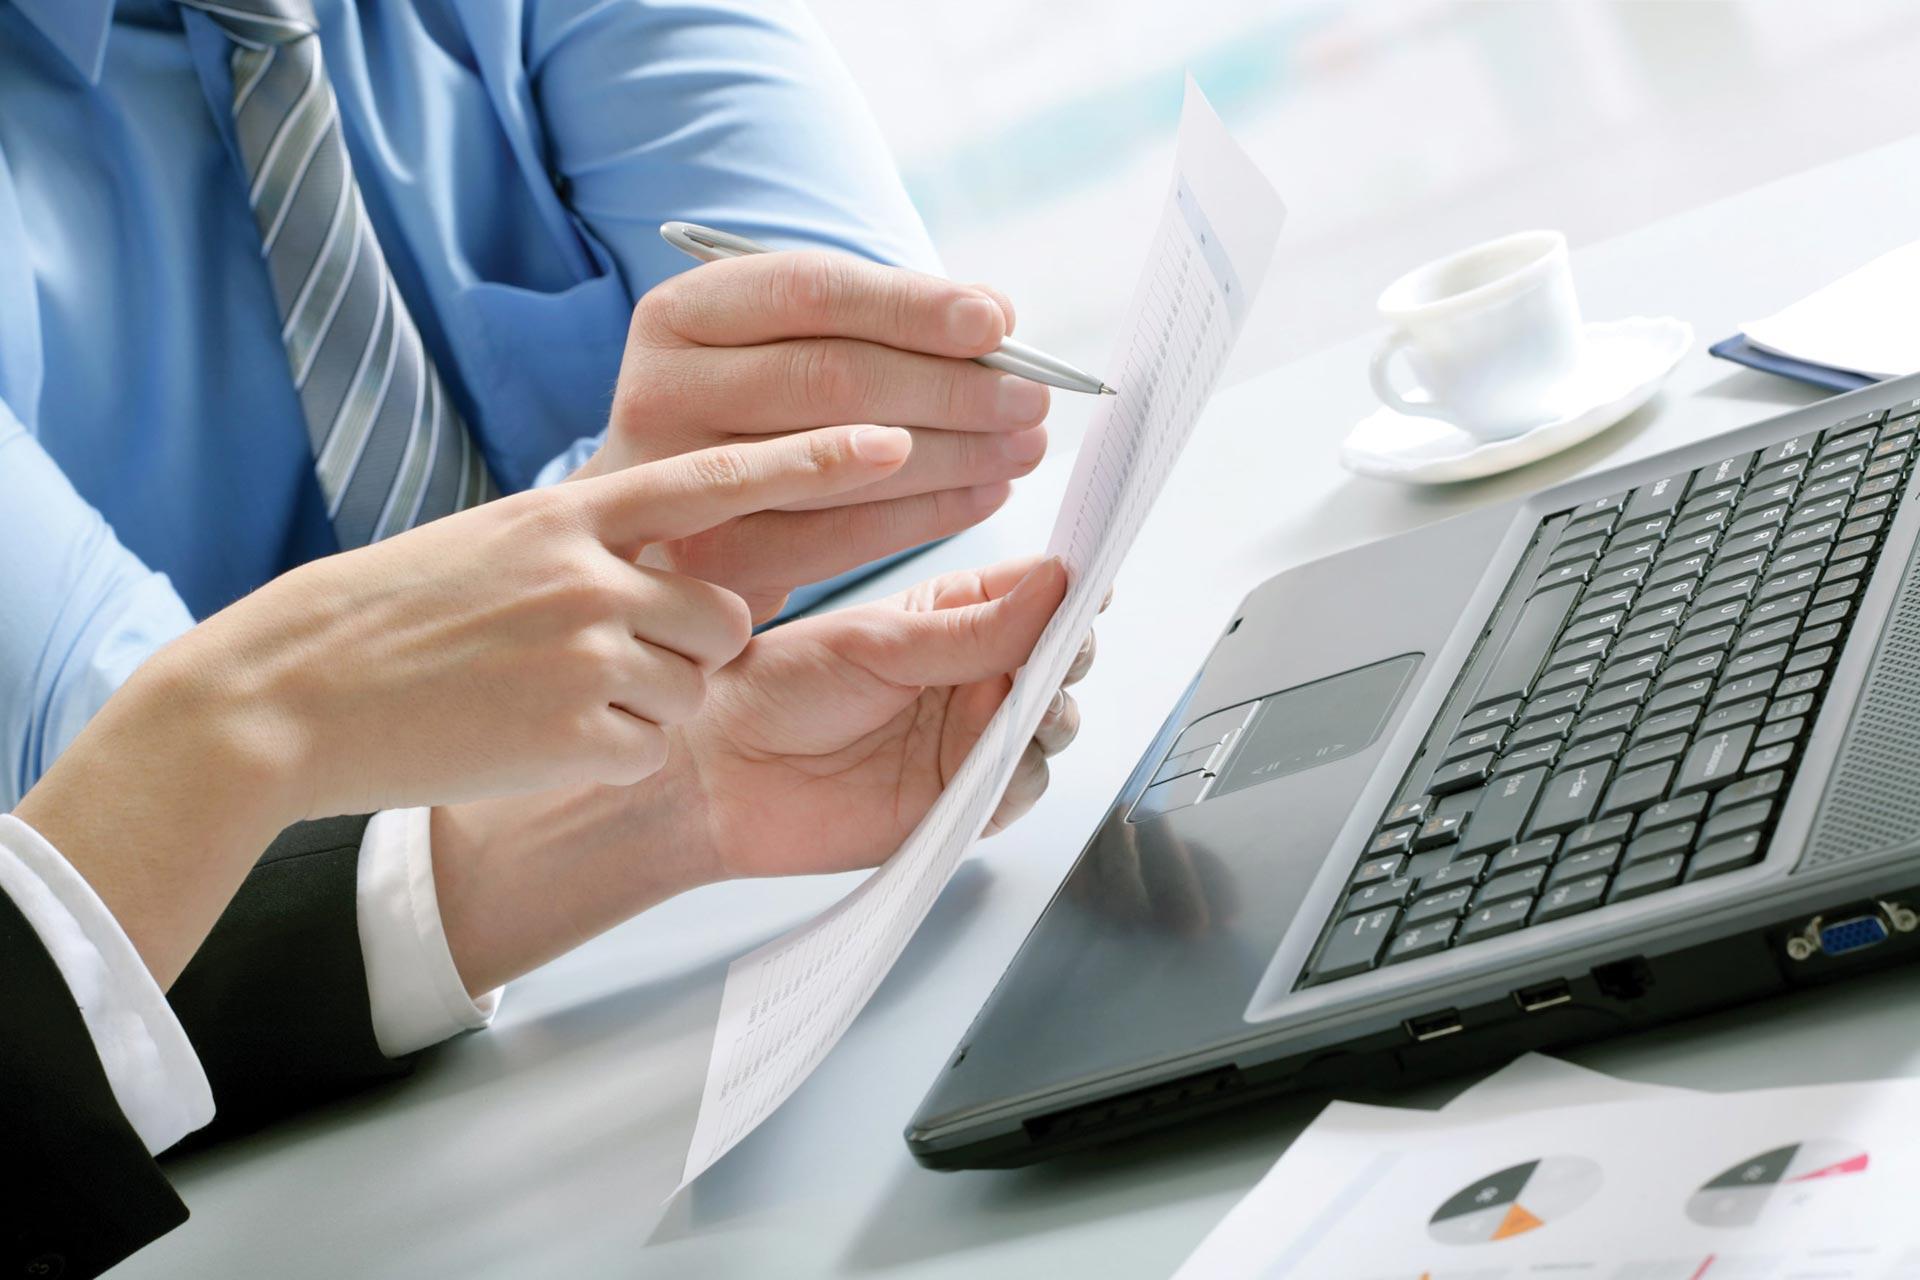 Бесплатный вебинар: Маркетинговая аналитика и продажи. Практика и опыт